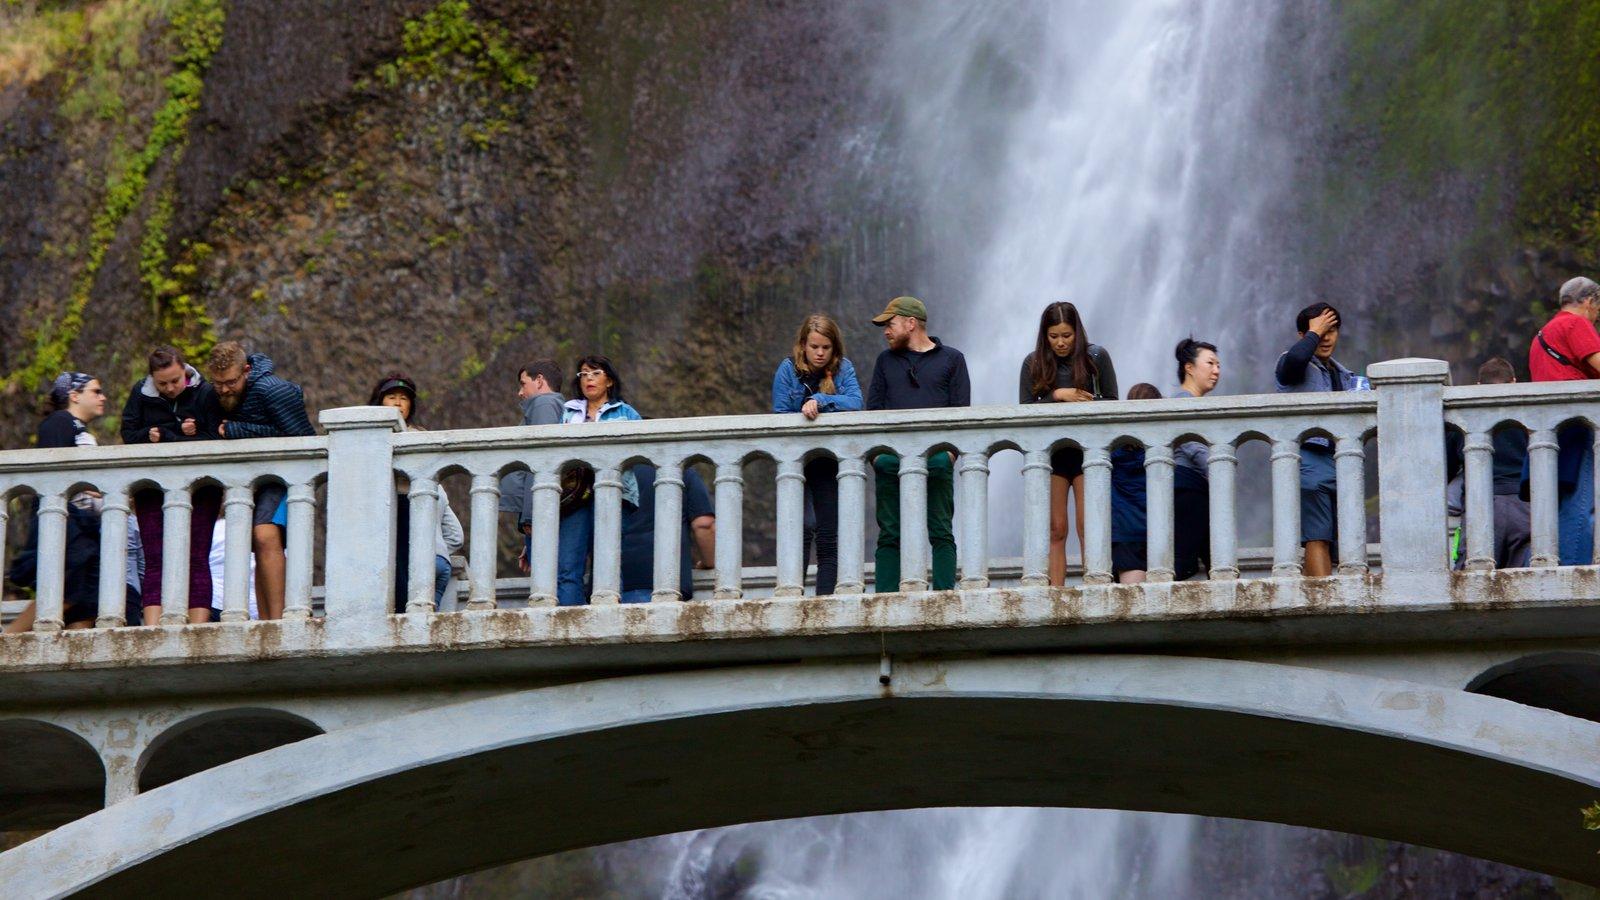 Cascadas de Multnomah mostrando un puente y también un gran grupo de personas